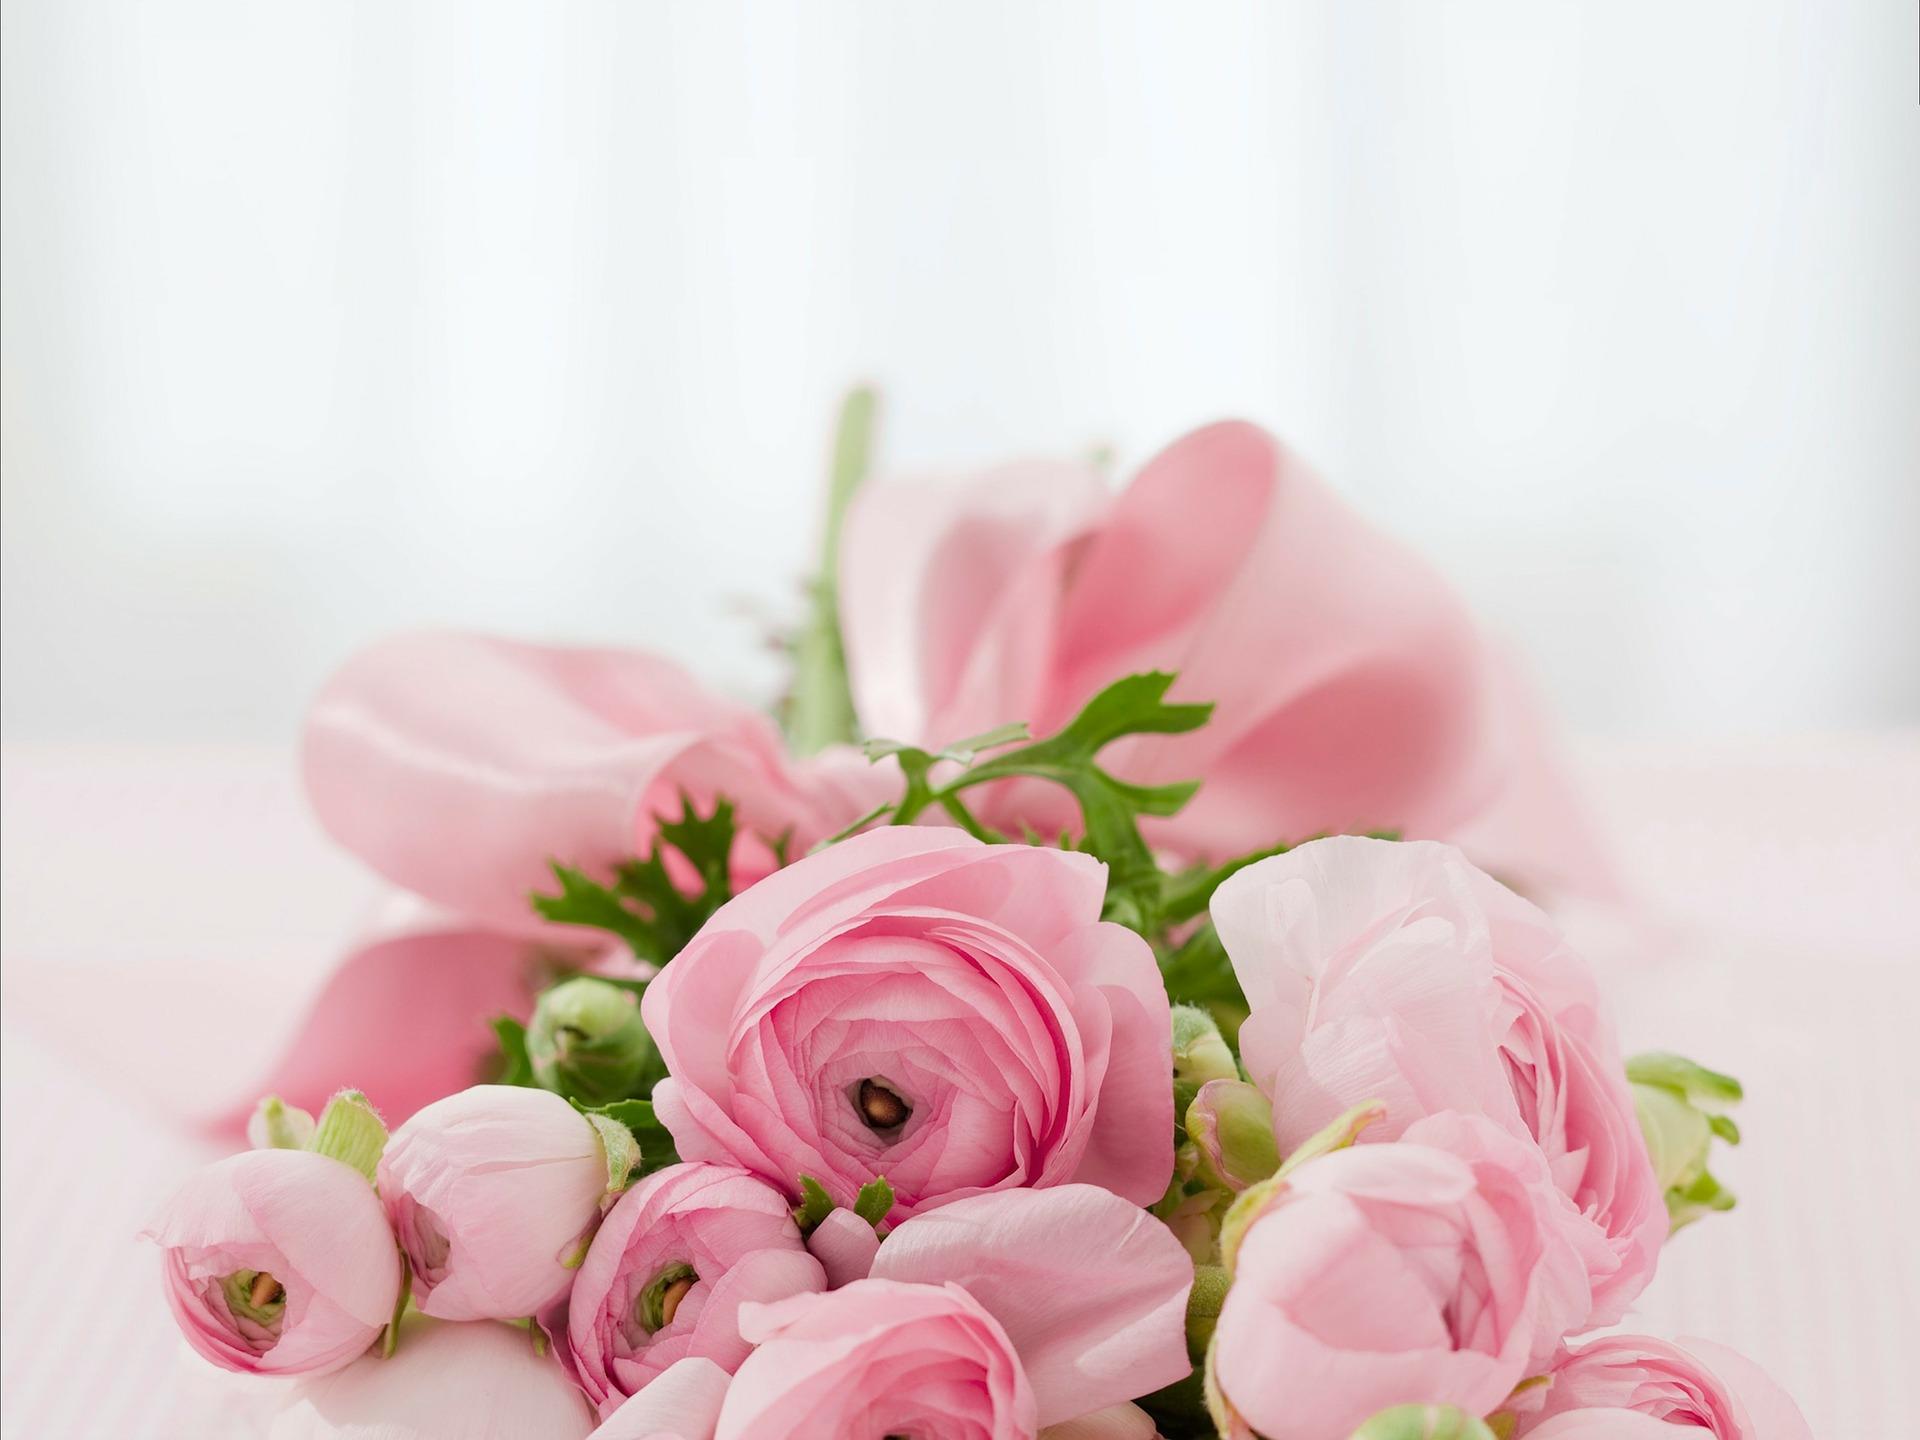 roses-142876_1920.jpg